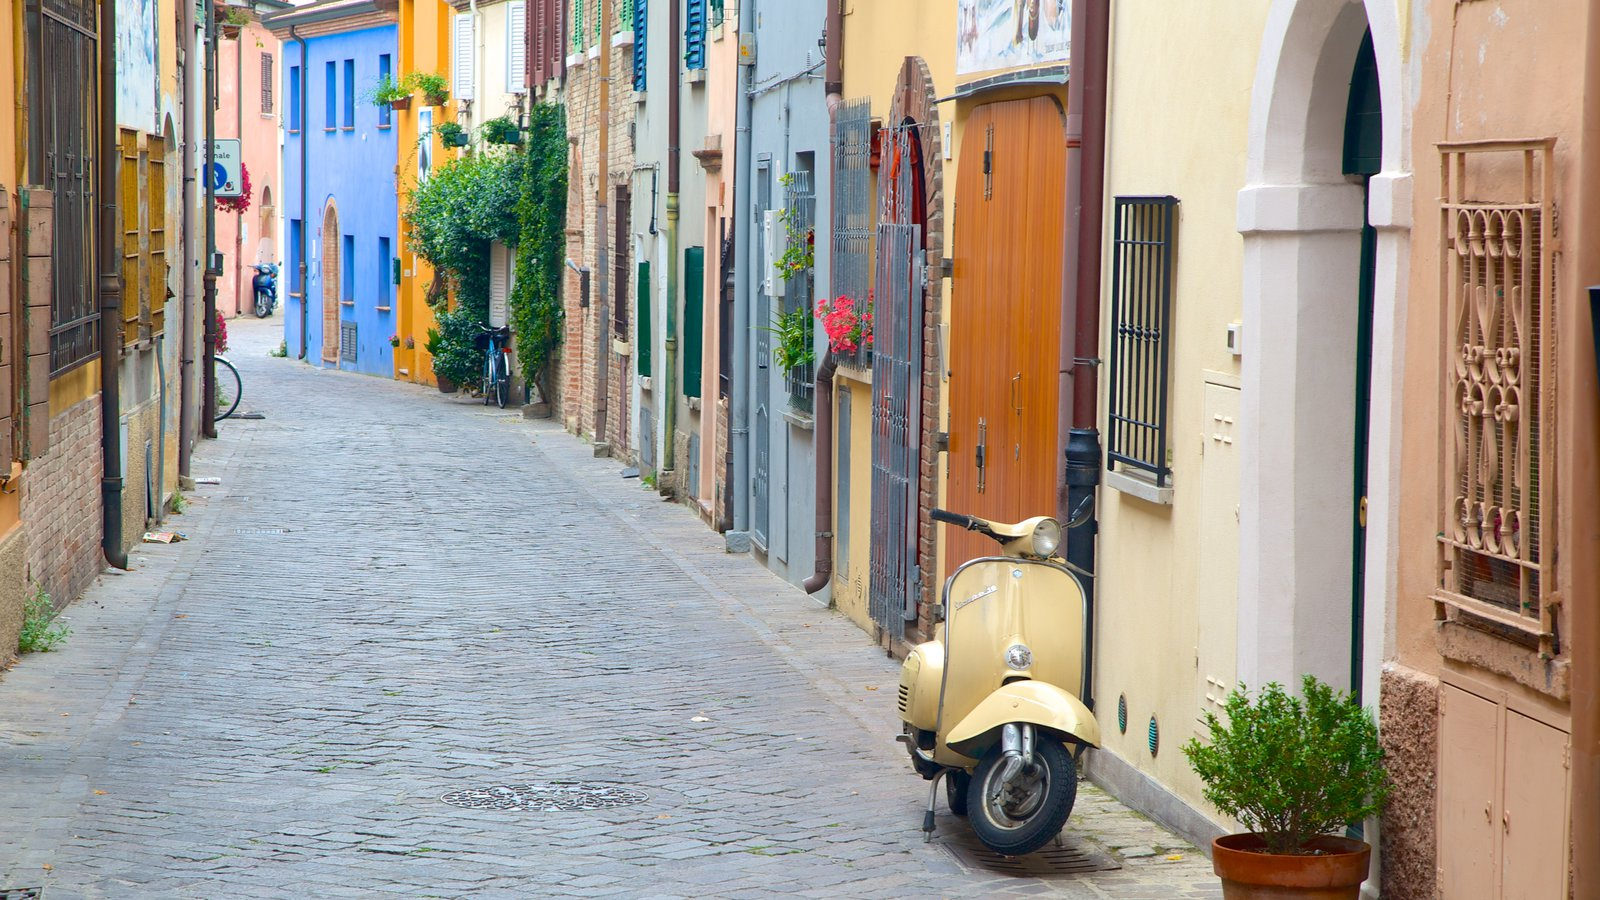 видео футаж с курортом римини-италия